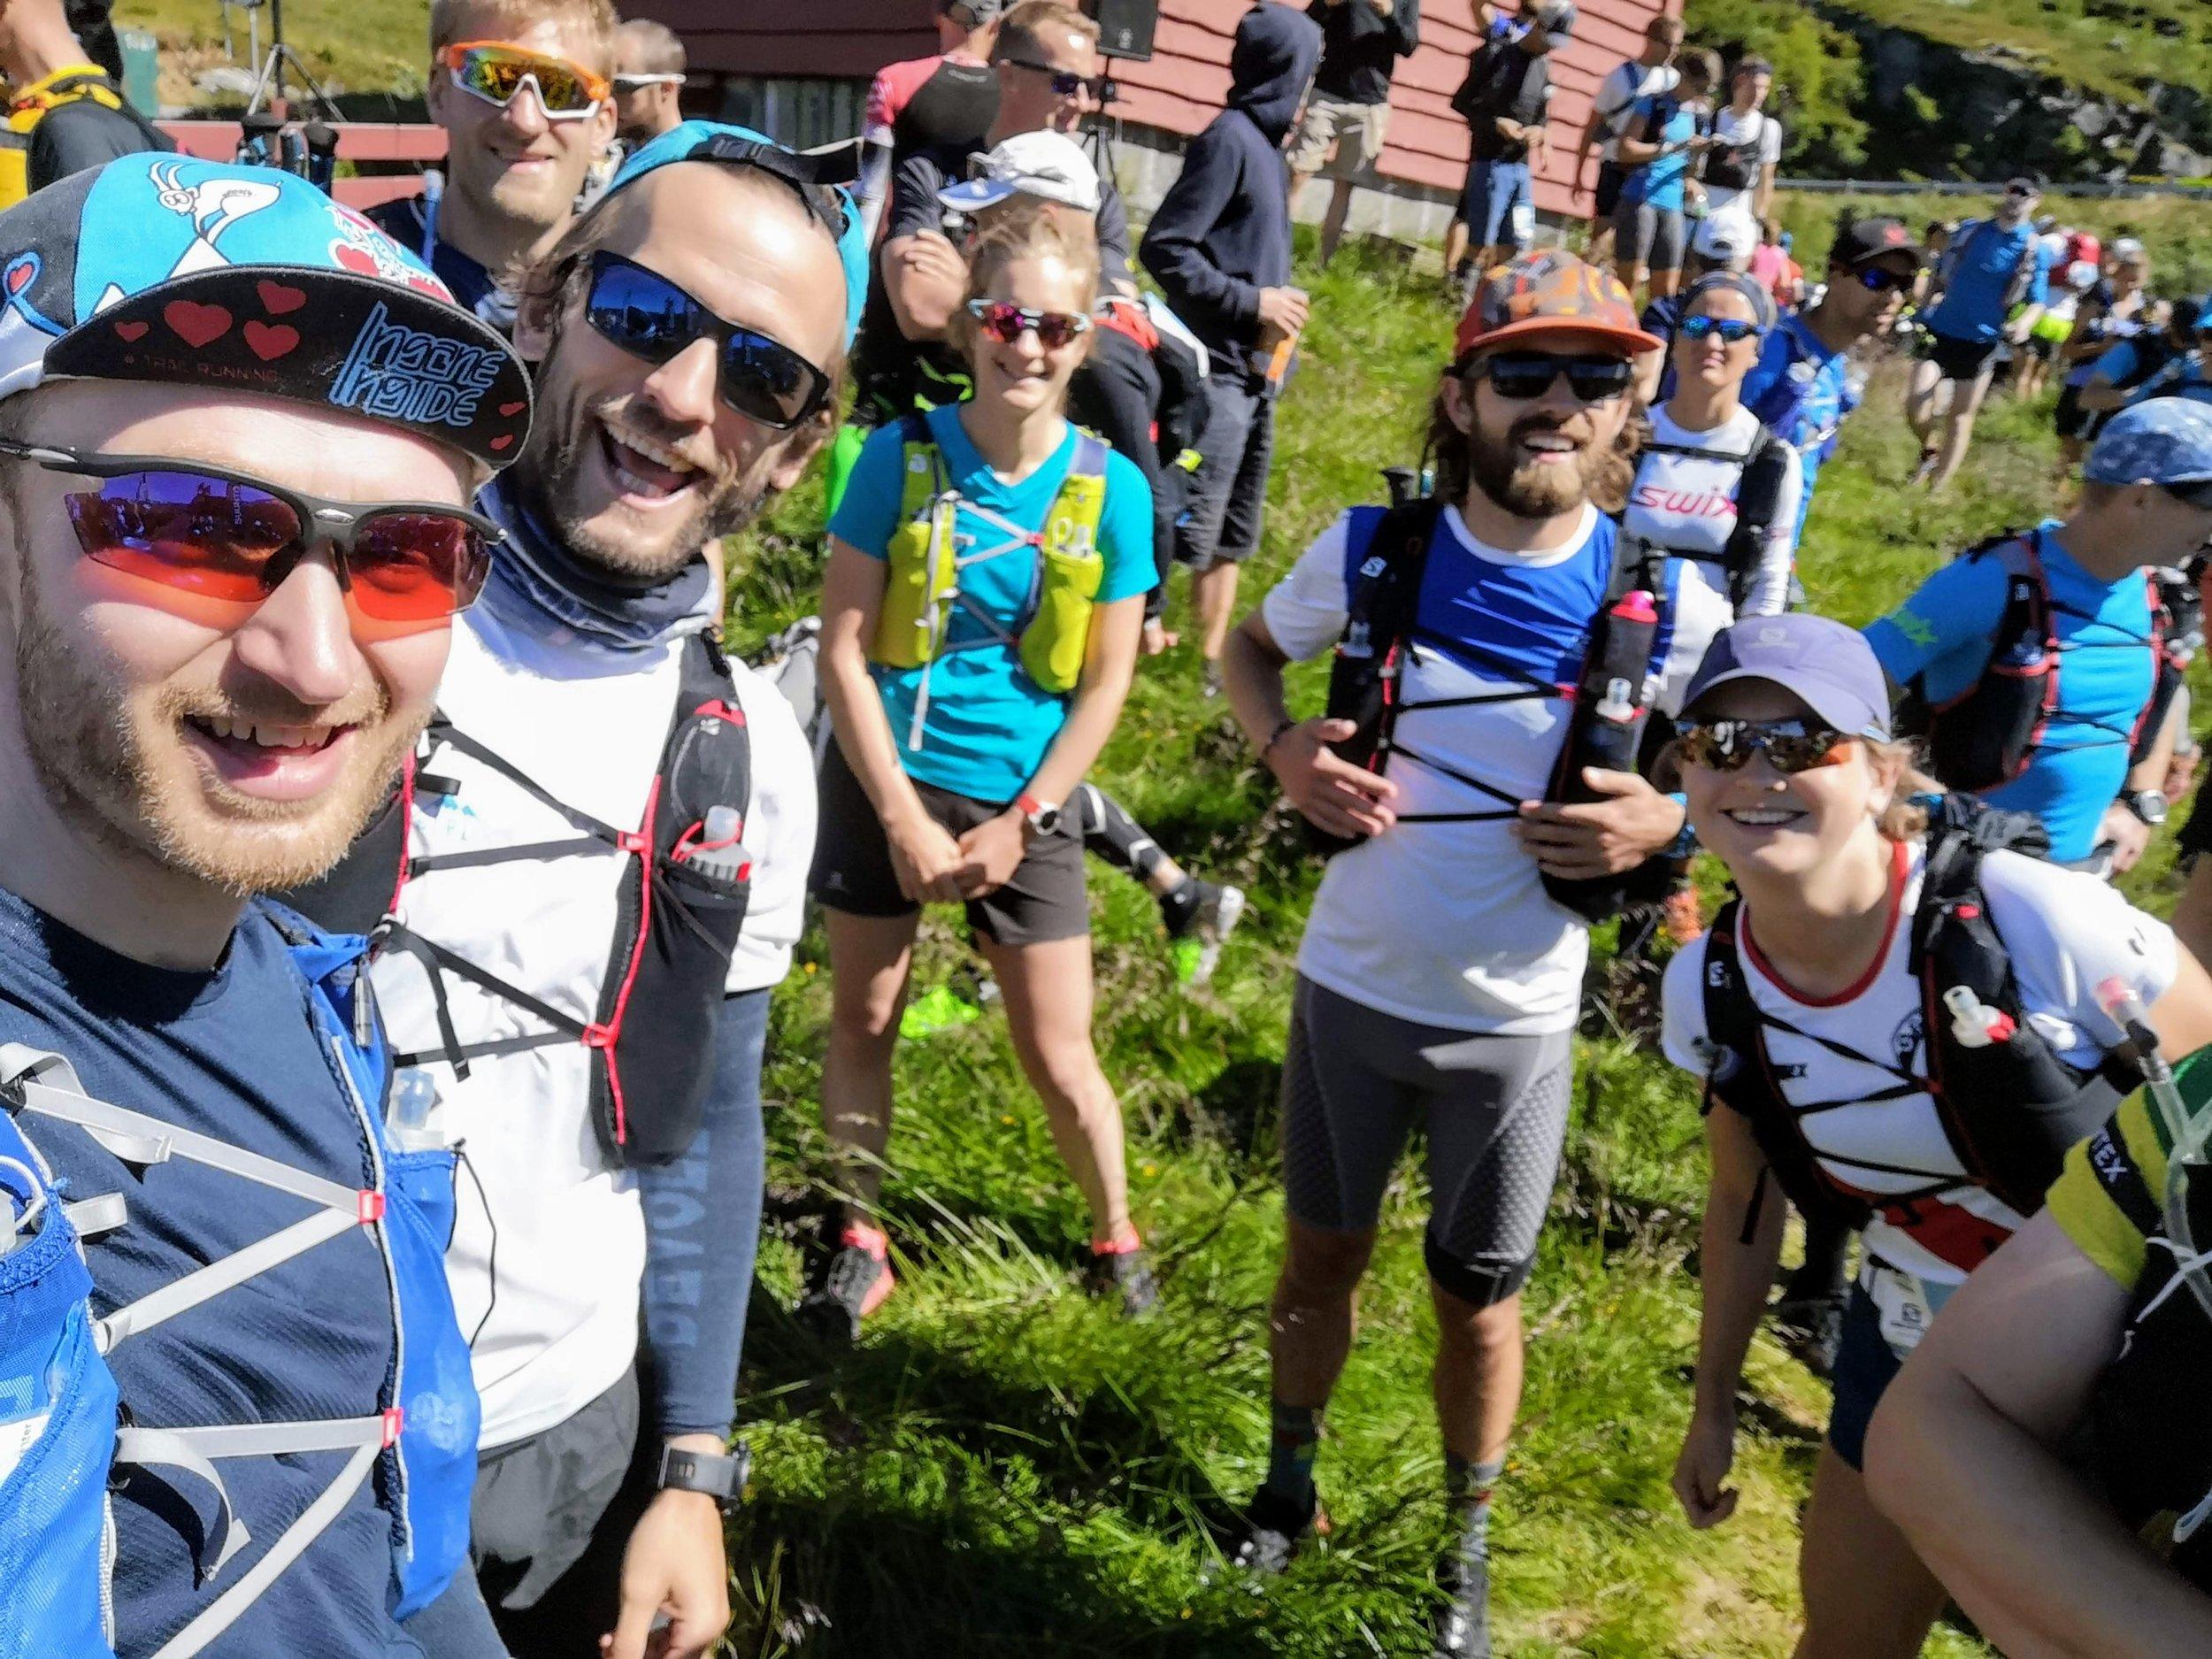 Fra venstre: Meg selv, Daniel Barth, Fredrik Storflor, Noëmi Ambauen, Tyler Jones og Molly Bazilchuck før starten på Turtagrø.